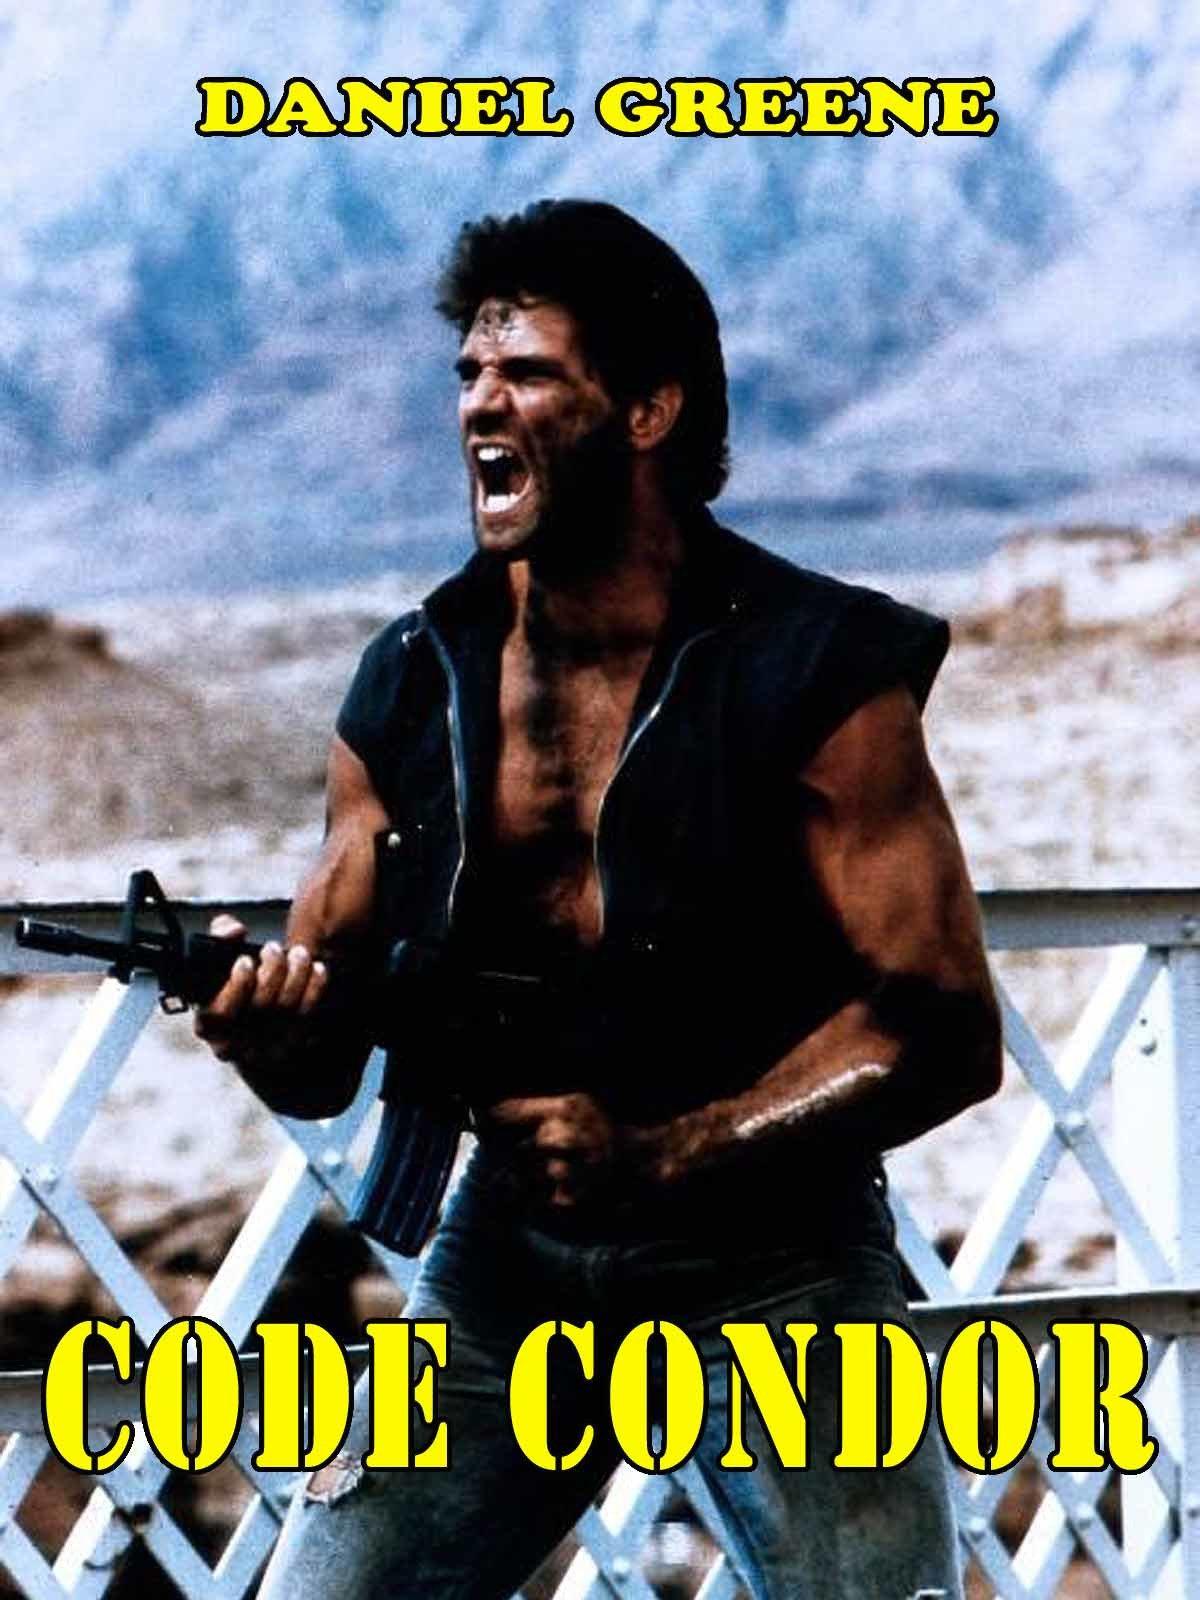 Code Condor